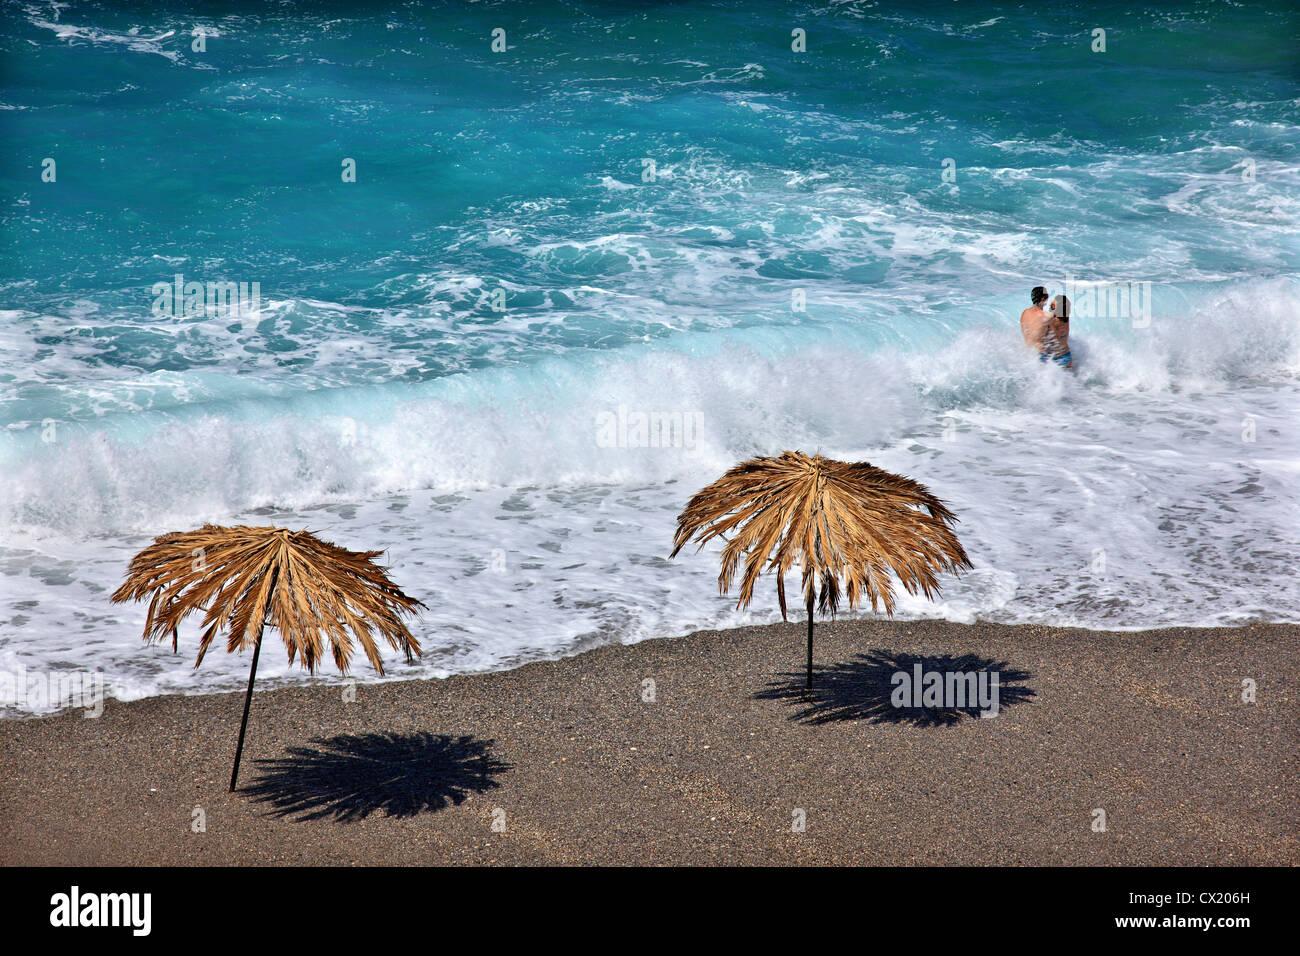 Hermosa playa conocida como 'Maliou ryaki' (también como 'Azul' o 'Sea cuevas cuevas') Imagen De Stock